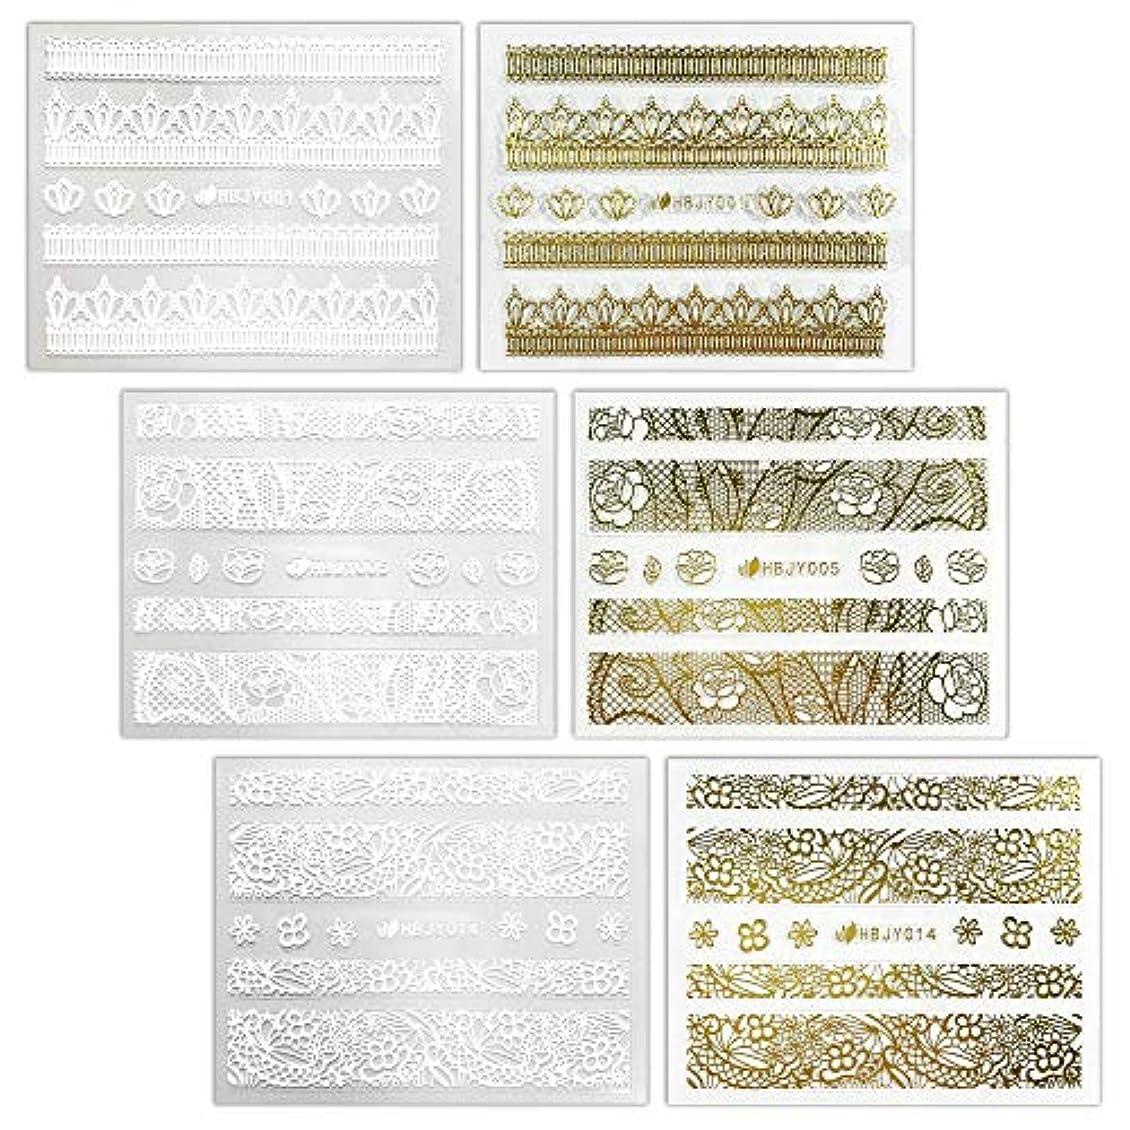 光沢銀証明する【リュミエラ】6枚セット レジン ネイル シールH【3種類×2色各1枚】ゴールド シルバー レース模様 ネイルにも!